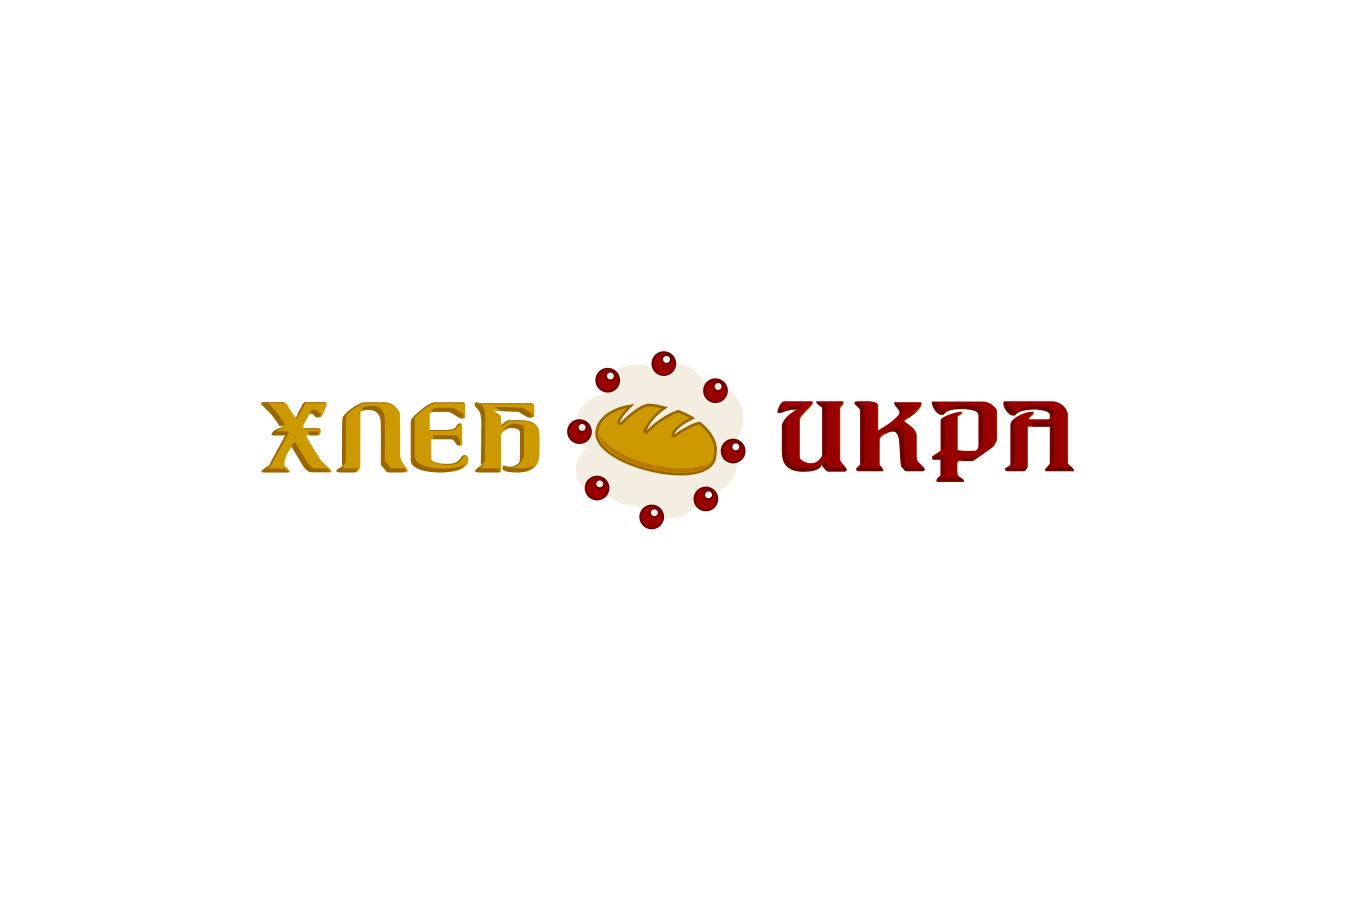 Разработка логотипа (написание)и разработка дизайна вывески  фото f_2125d7bc8a52e79d.png